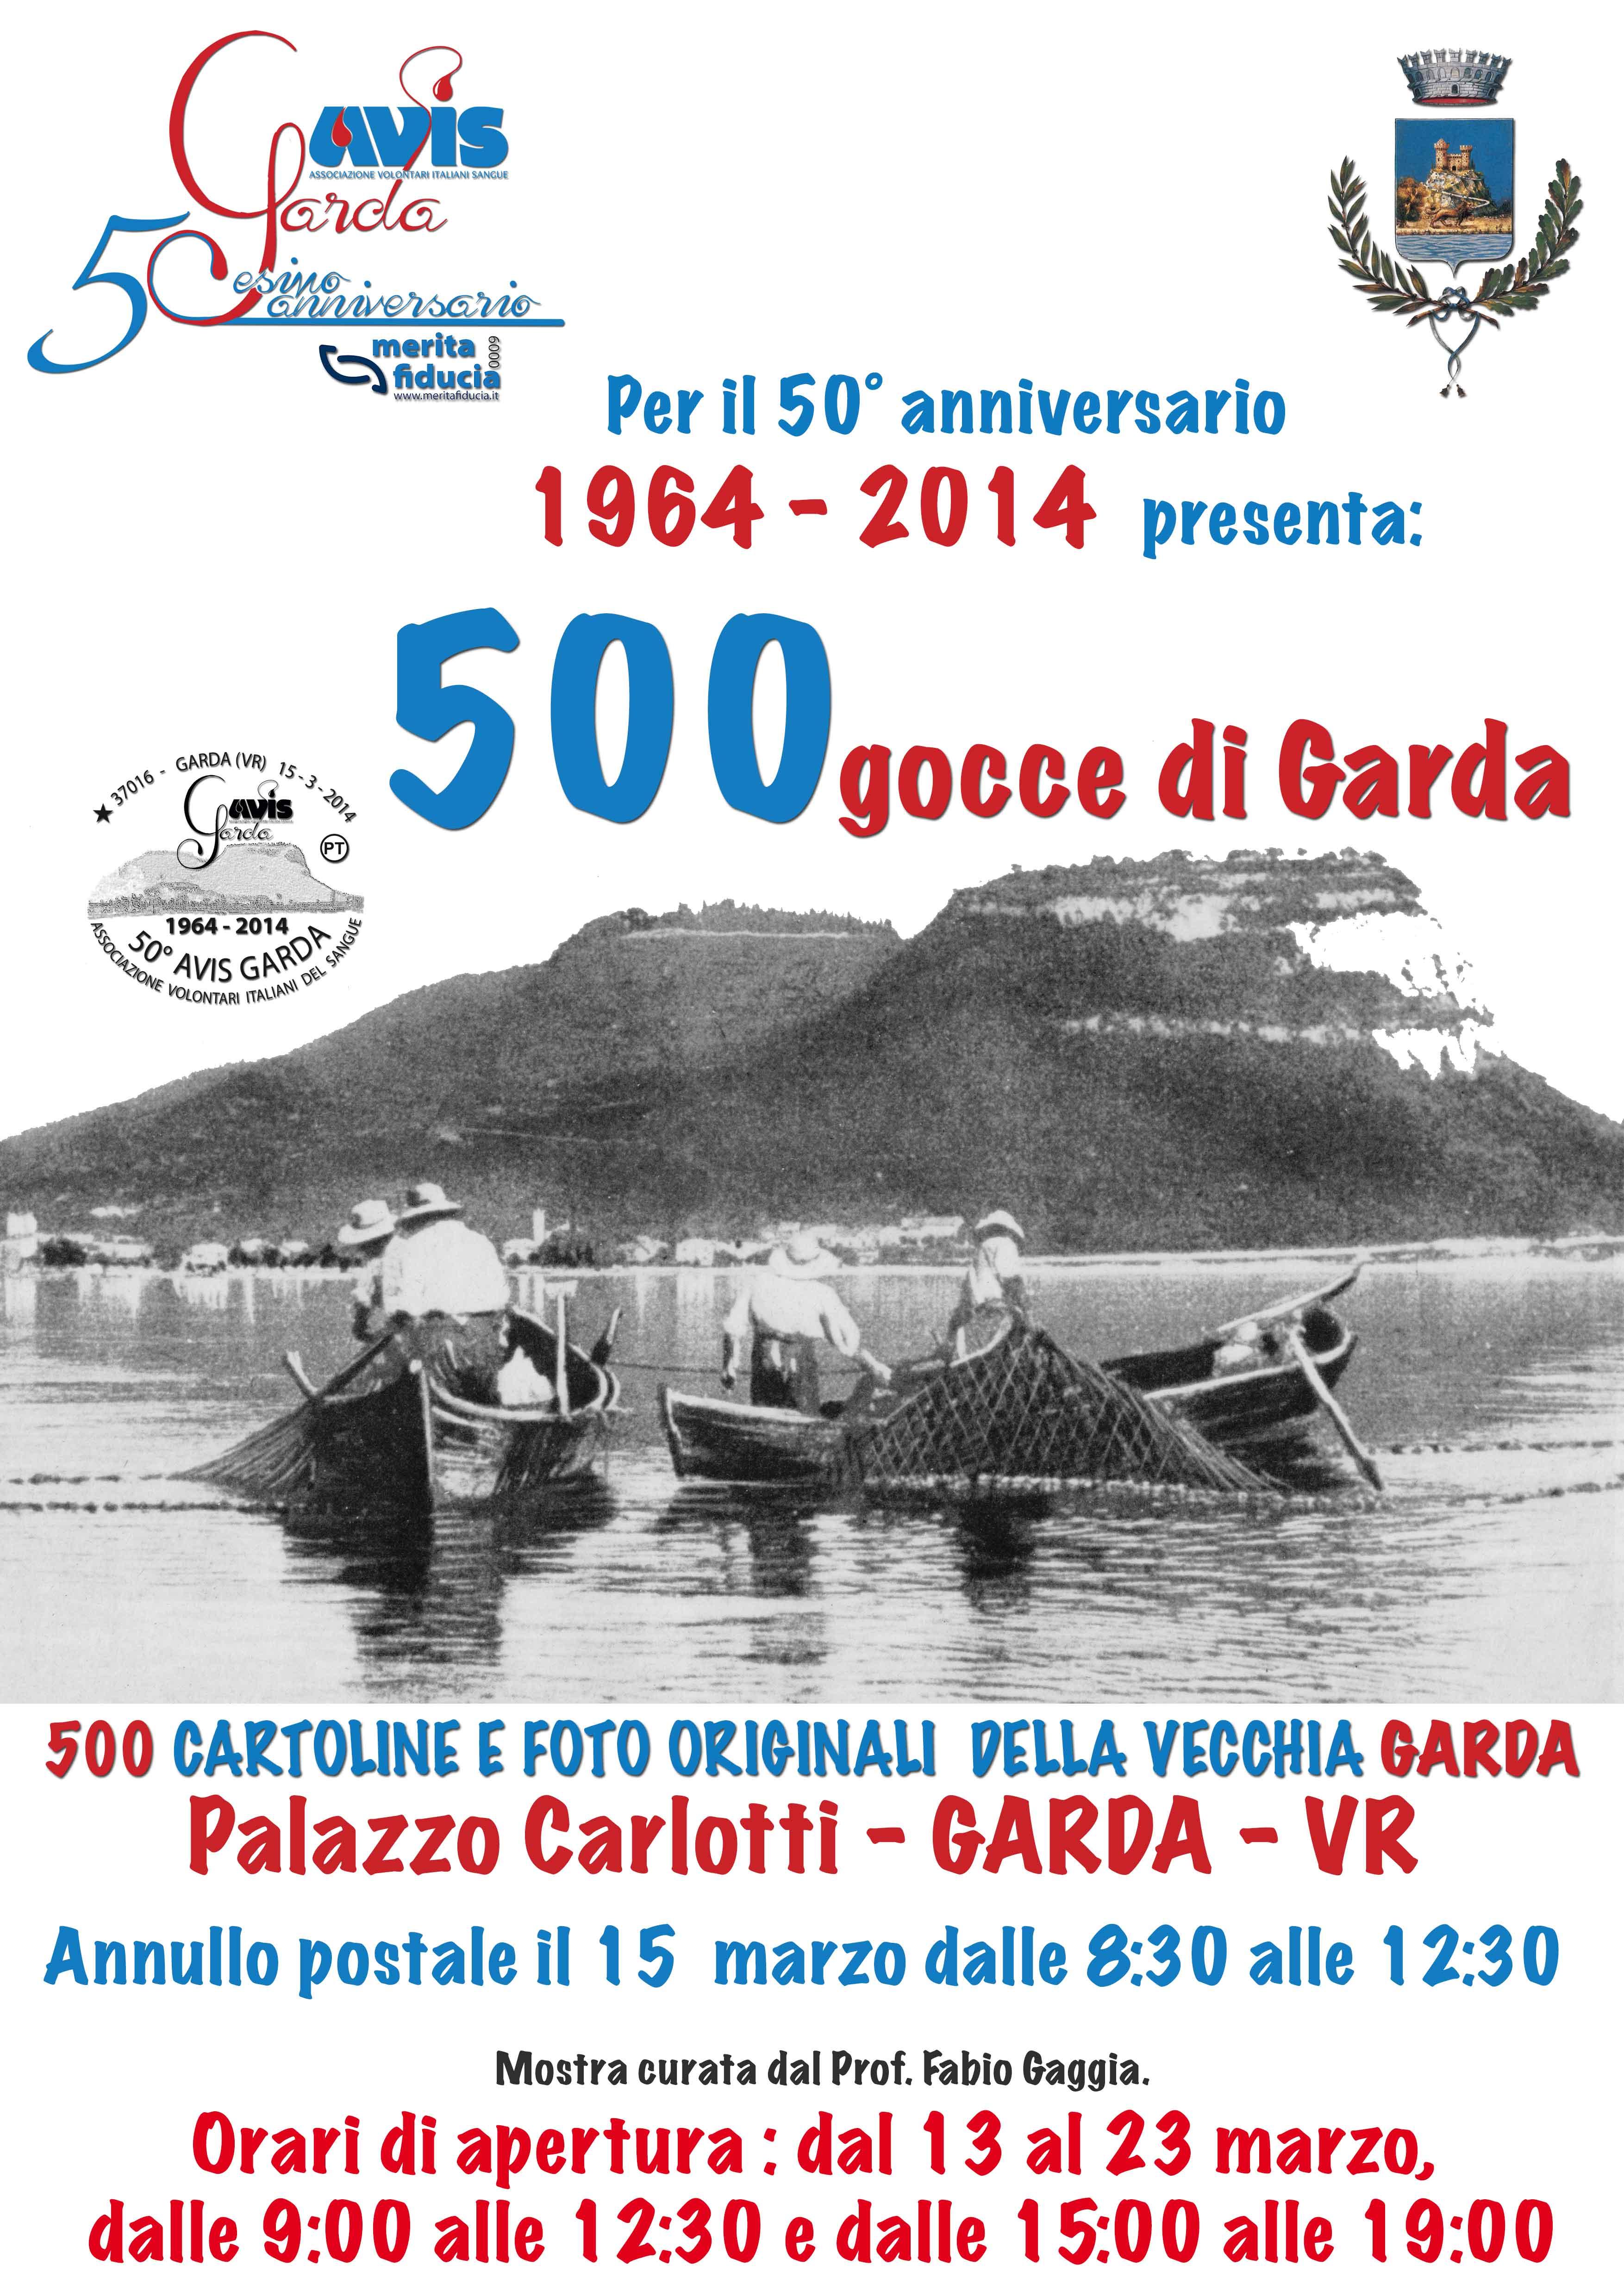 500 gocce di Garda, rassegna fotografica della vecchia Garda